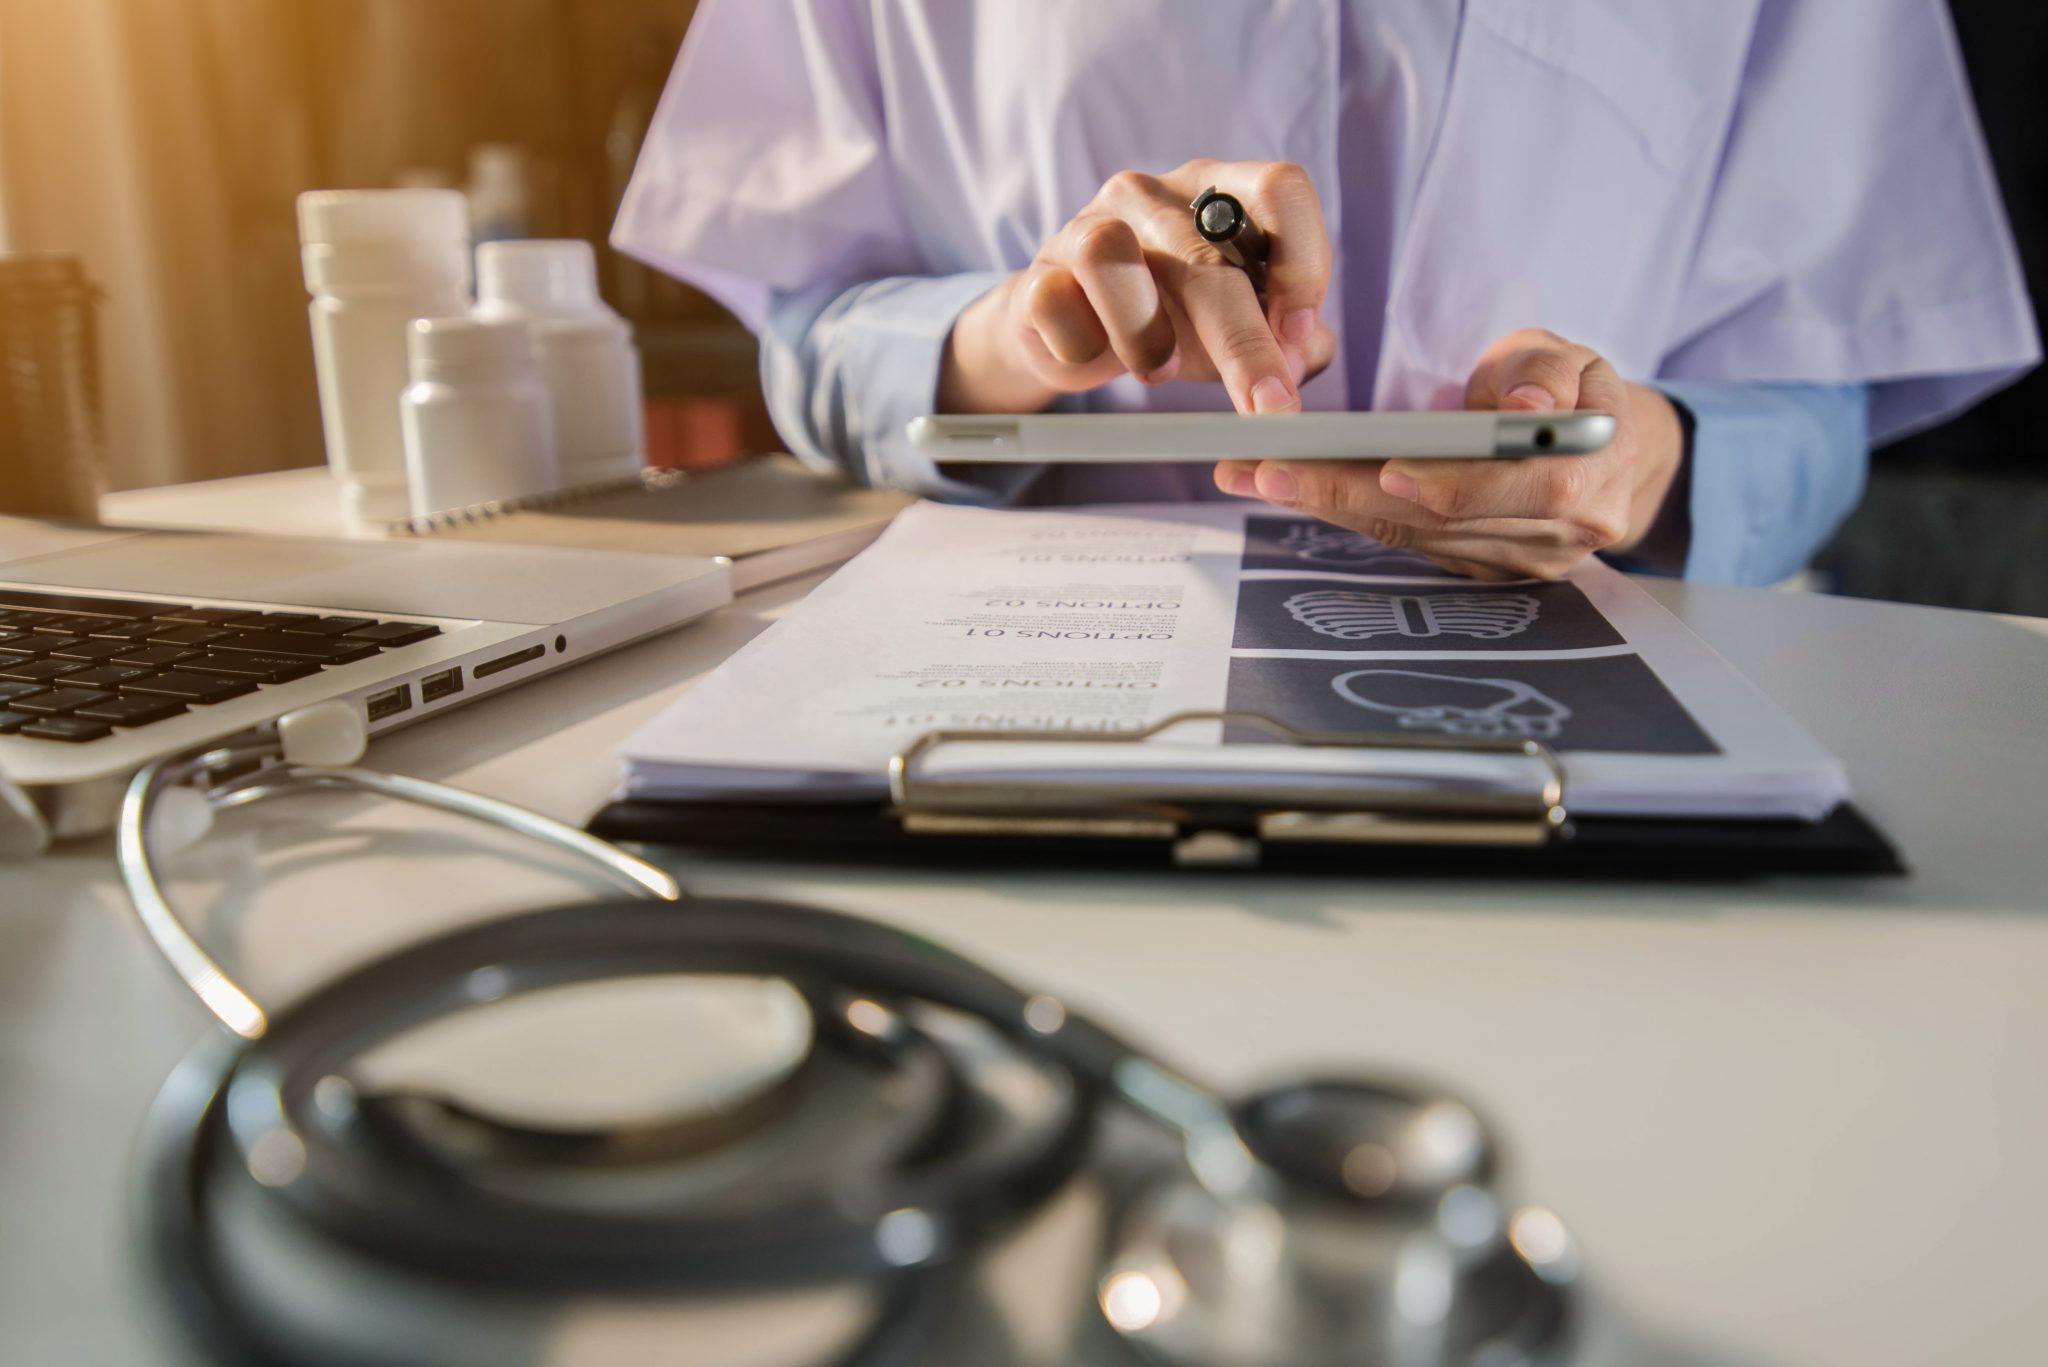 Tecnologías de salud imprescindibles | Meddi es salud inteligente-Tu blog medico - img1